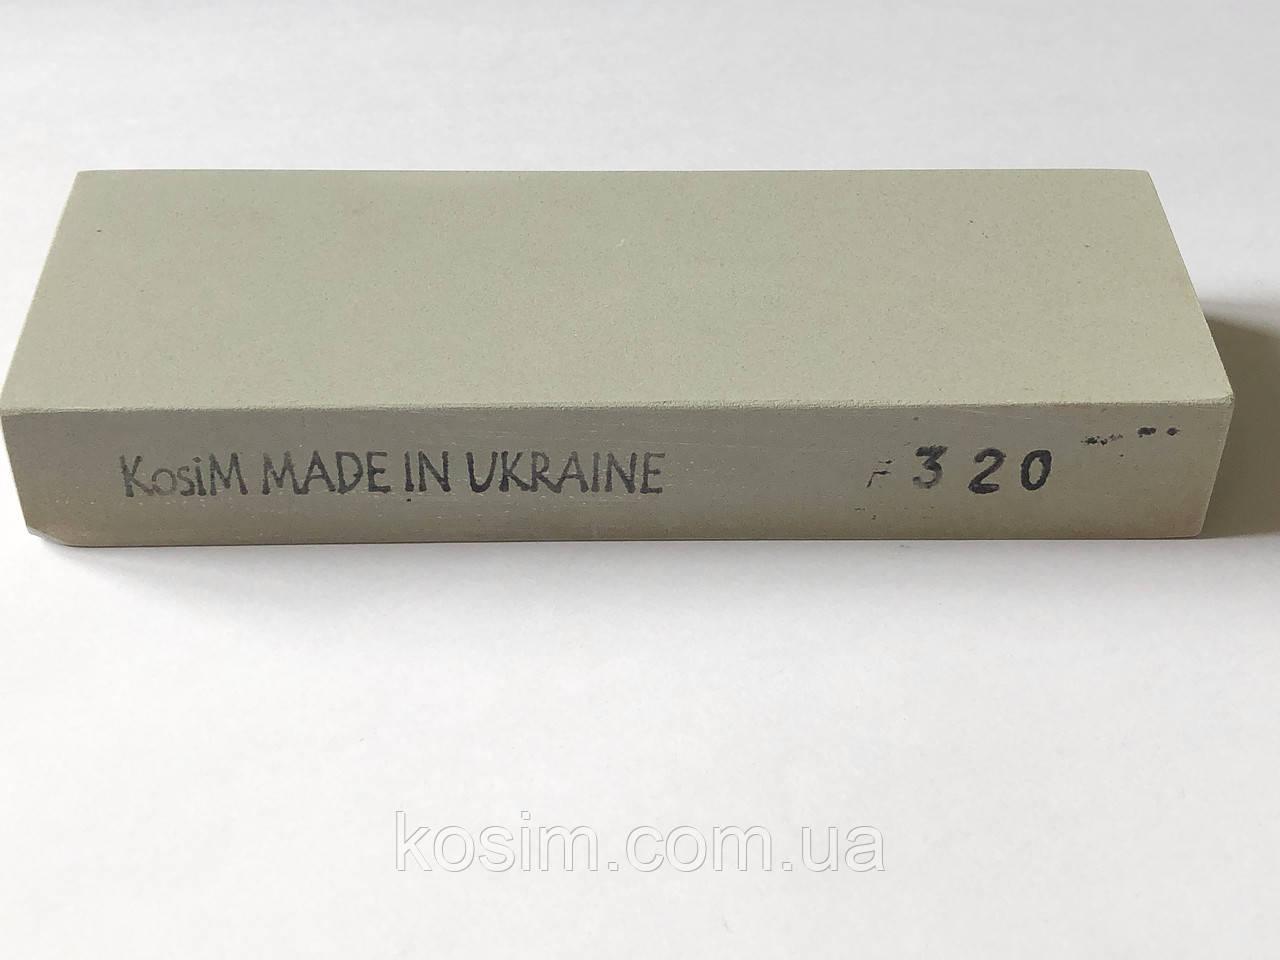 Брусок KosiM F320 1 шт 150*25*55 мм Точильные камни, для ручной заточки режущего инструмента Точилка